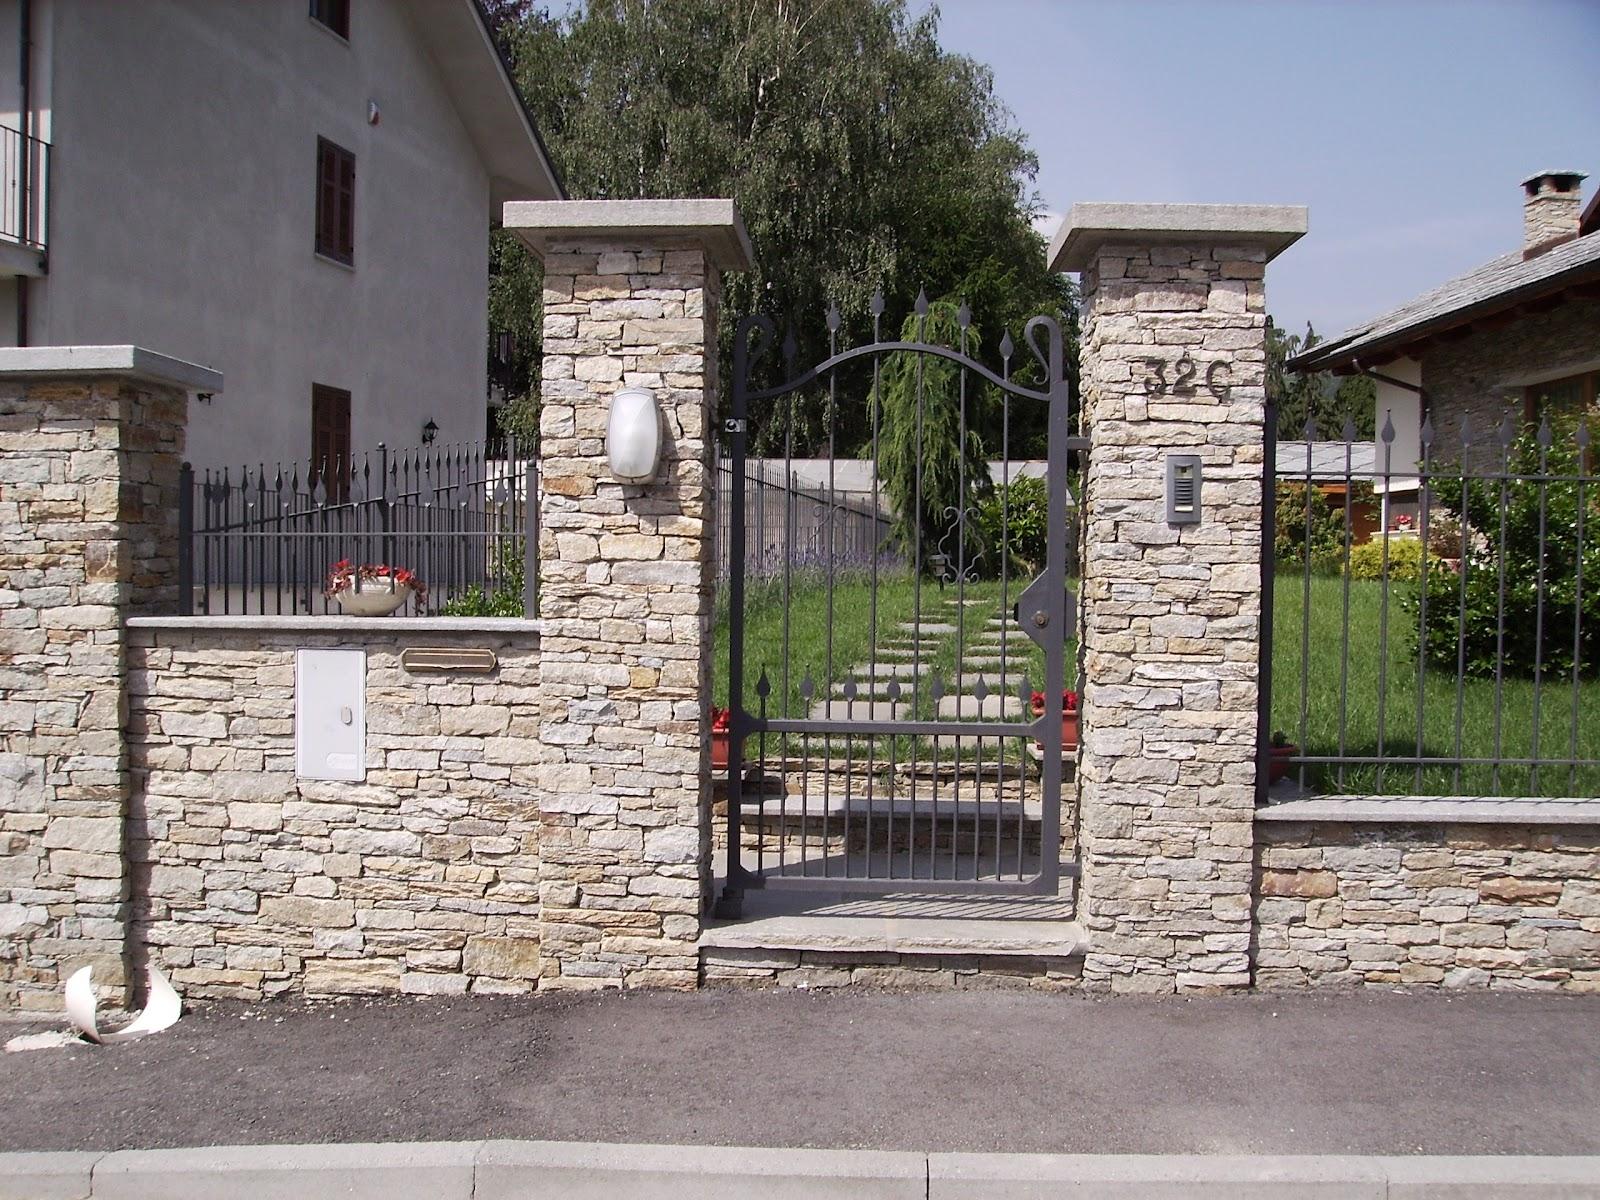 La pietra di luserna muretti e rivestimenti in liste e for Colonne in pietra per cancelli